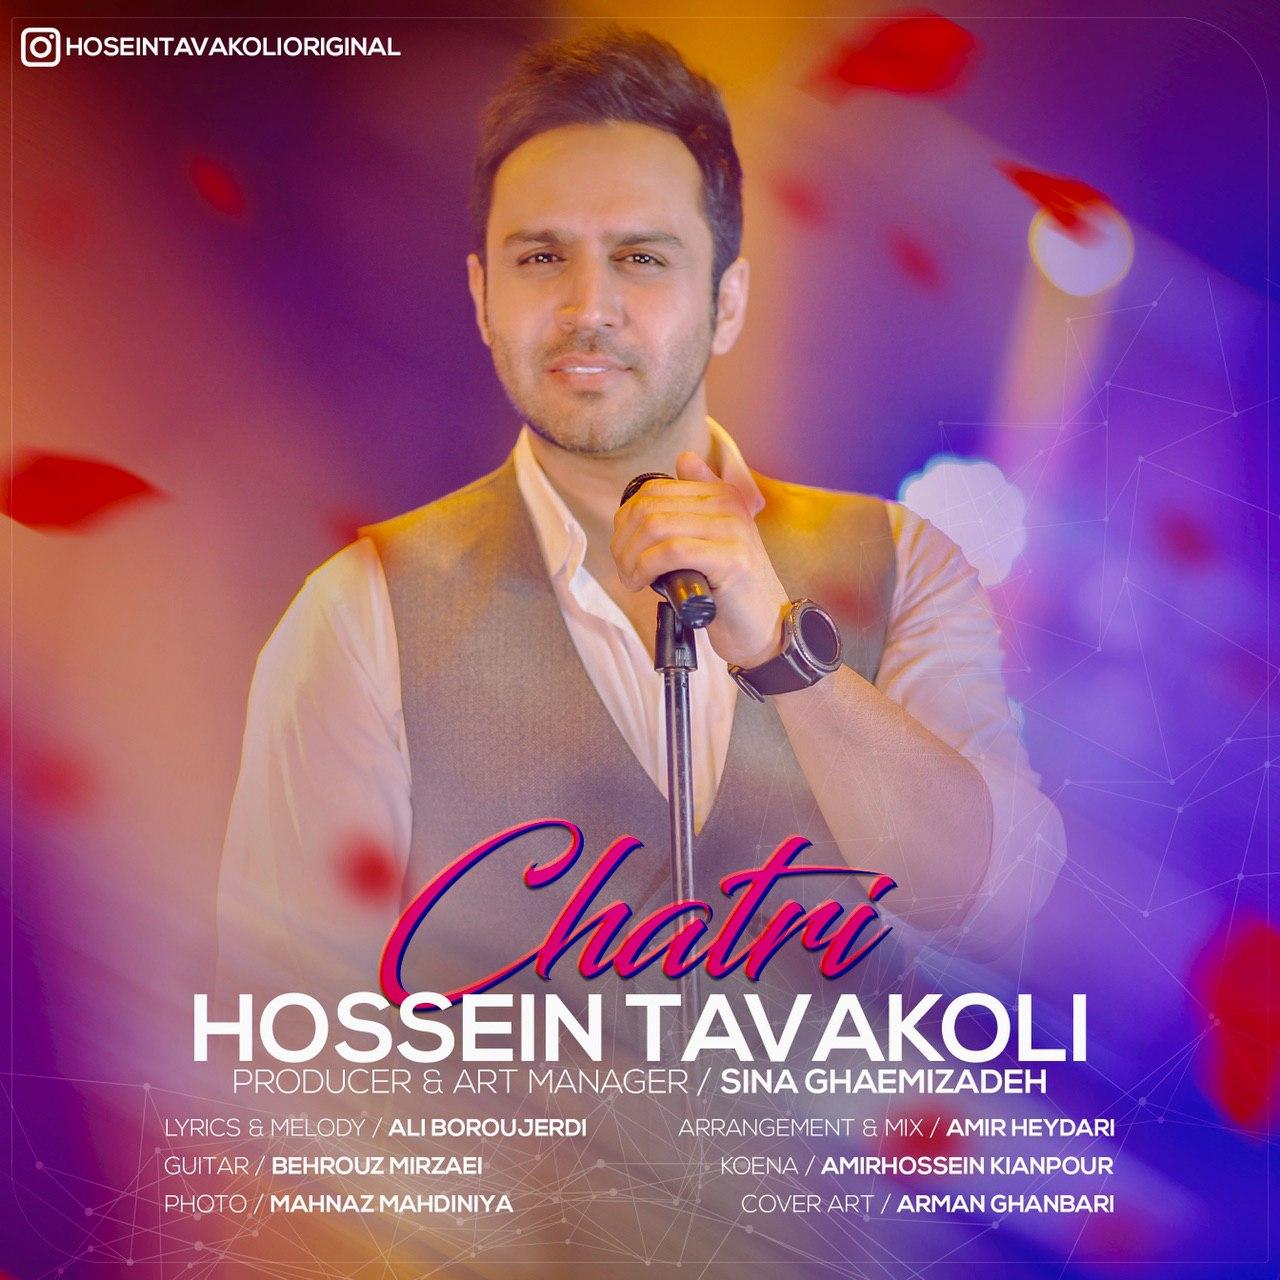 دانلود اهنگ چتری حسین توکلی